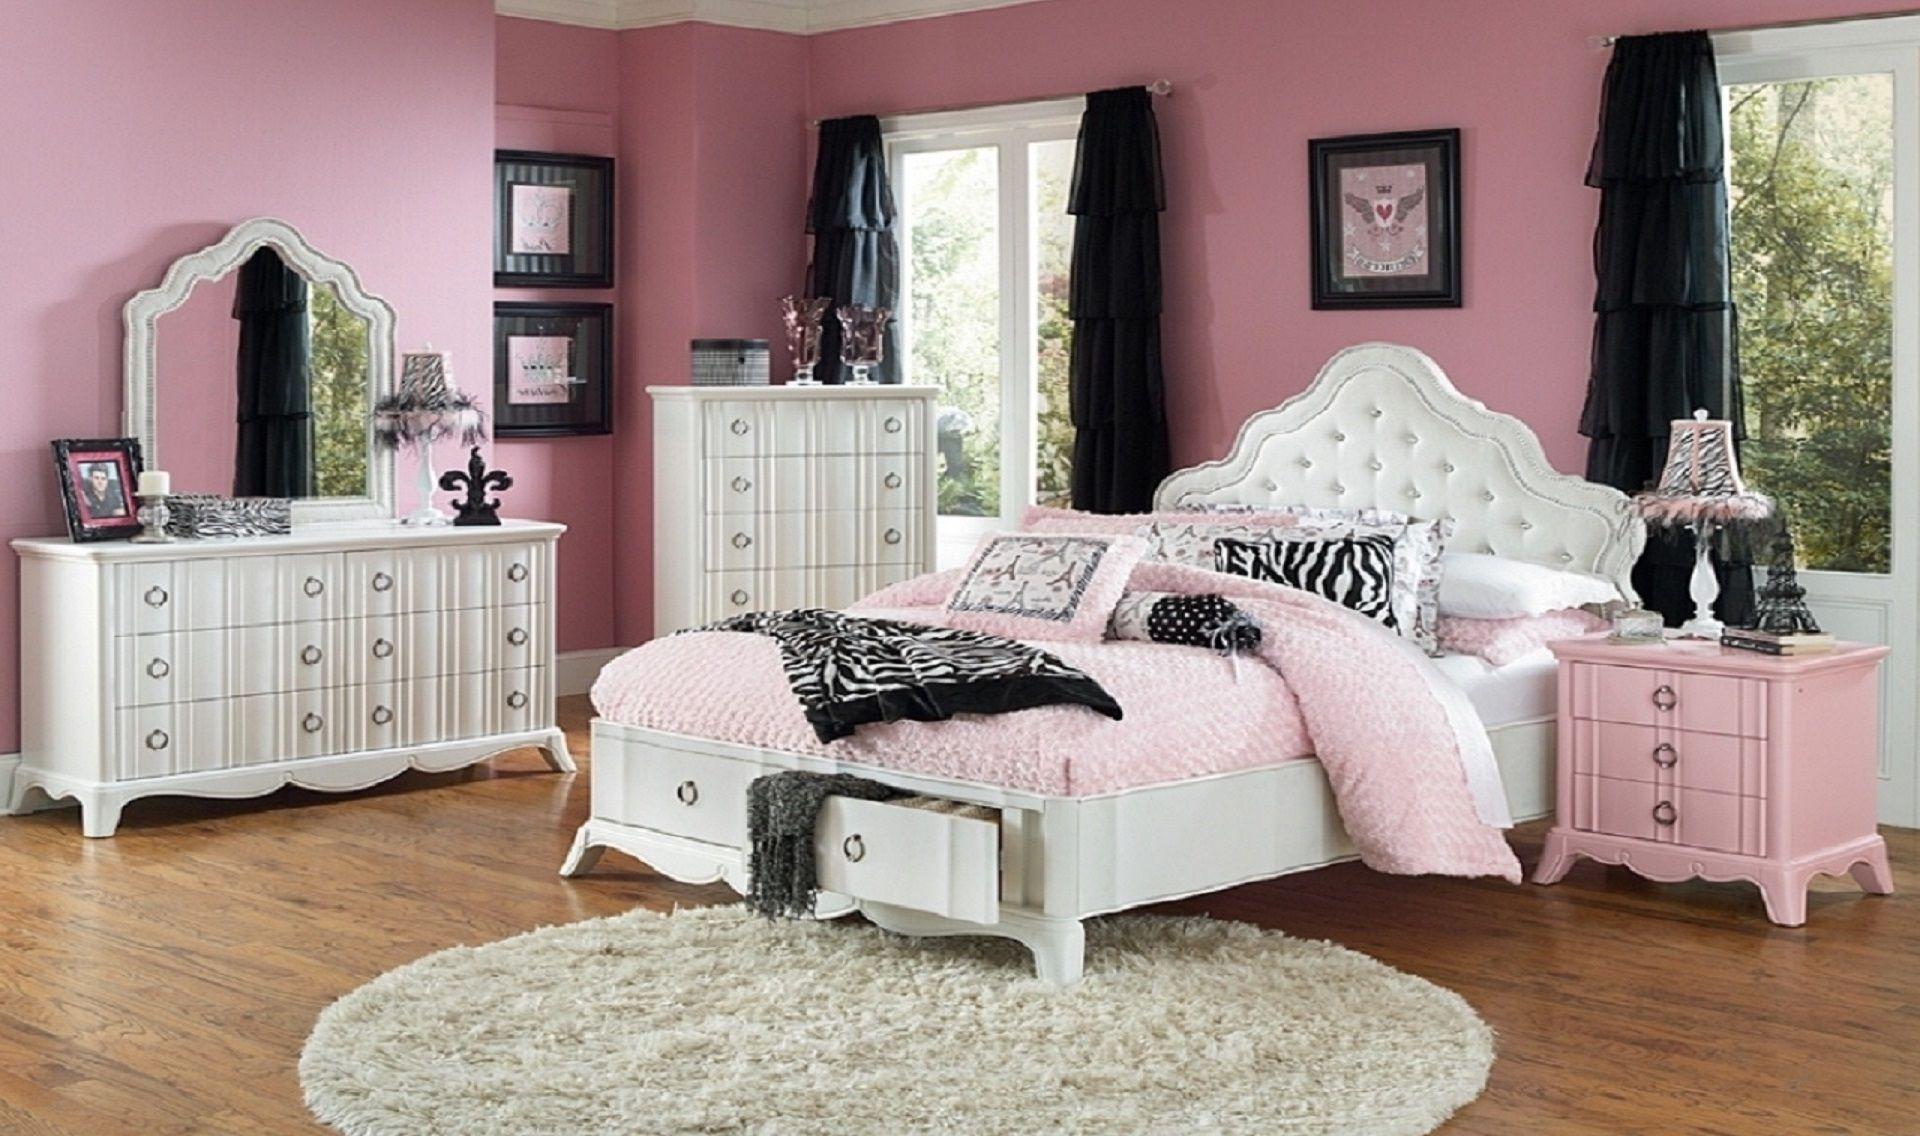 pink and black bedroom set • bulbs ideas